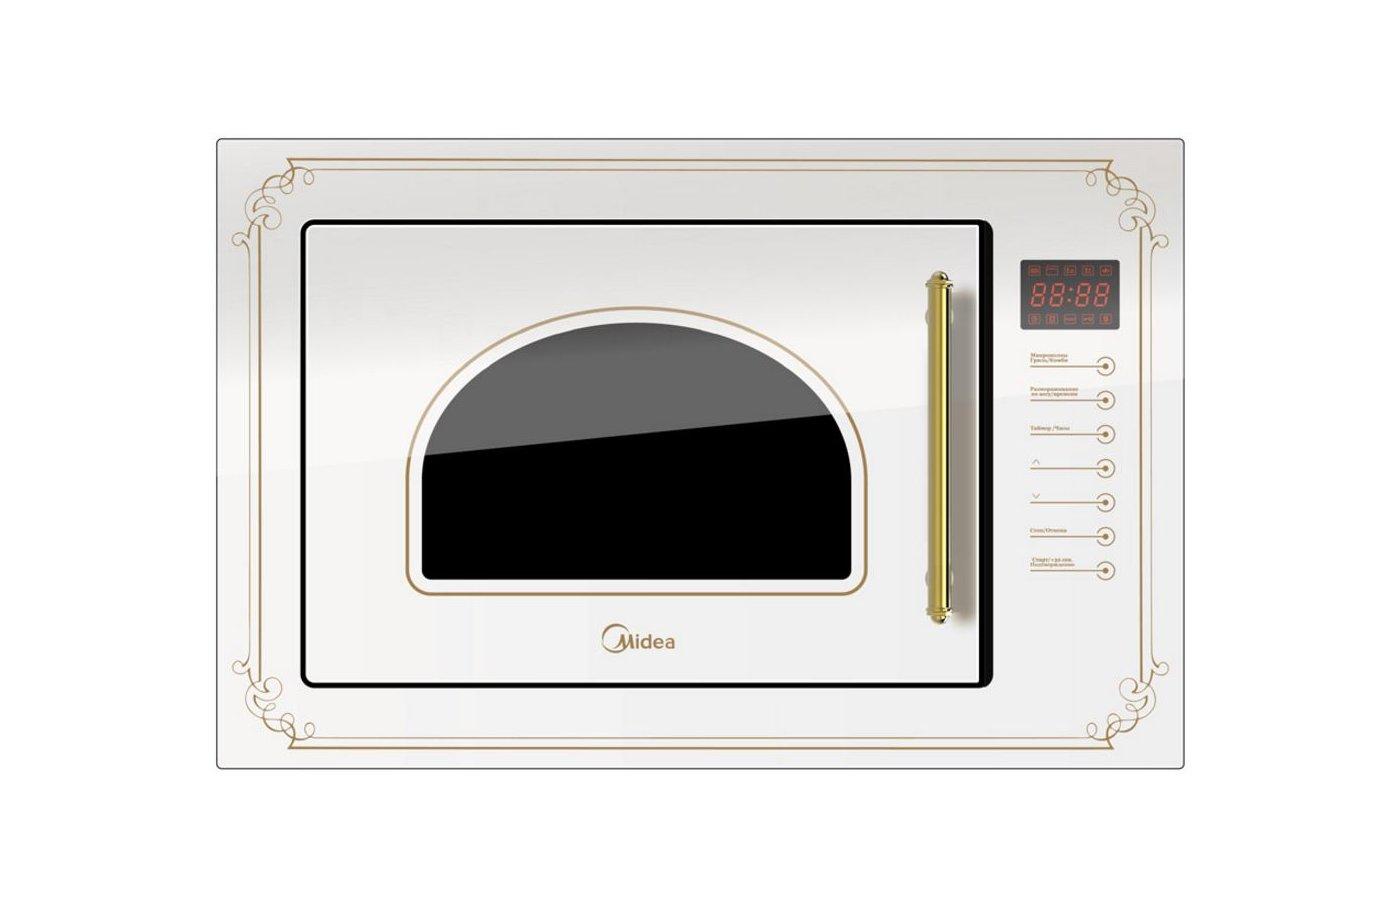 Встраиваемая микроволновая печь MIDEA TG925BW7-W2